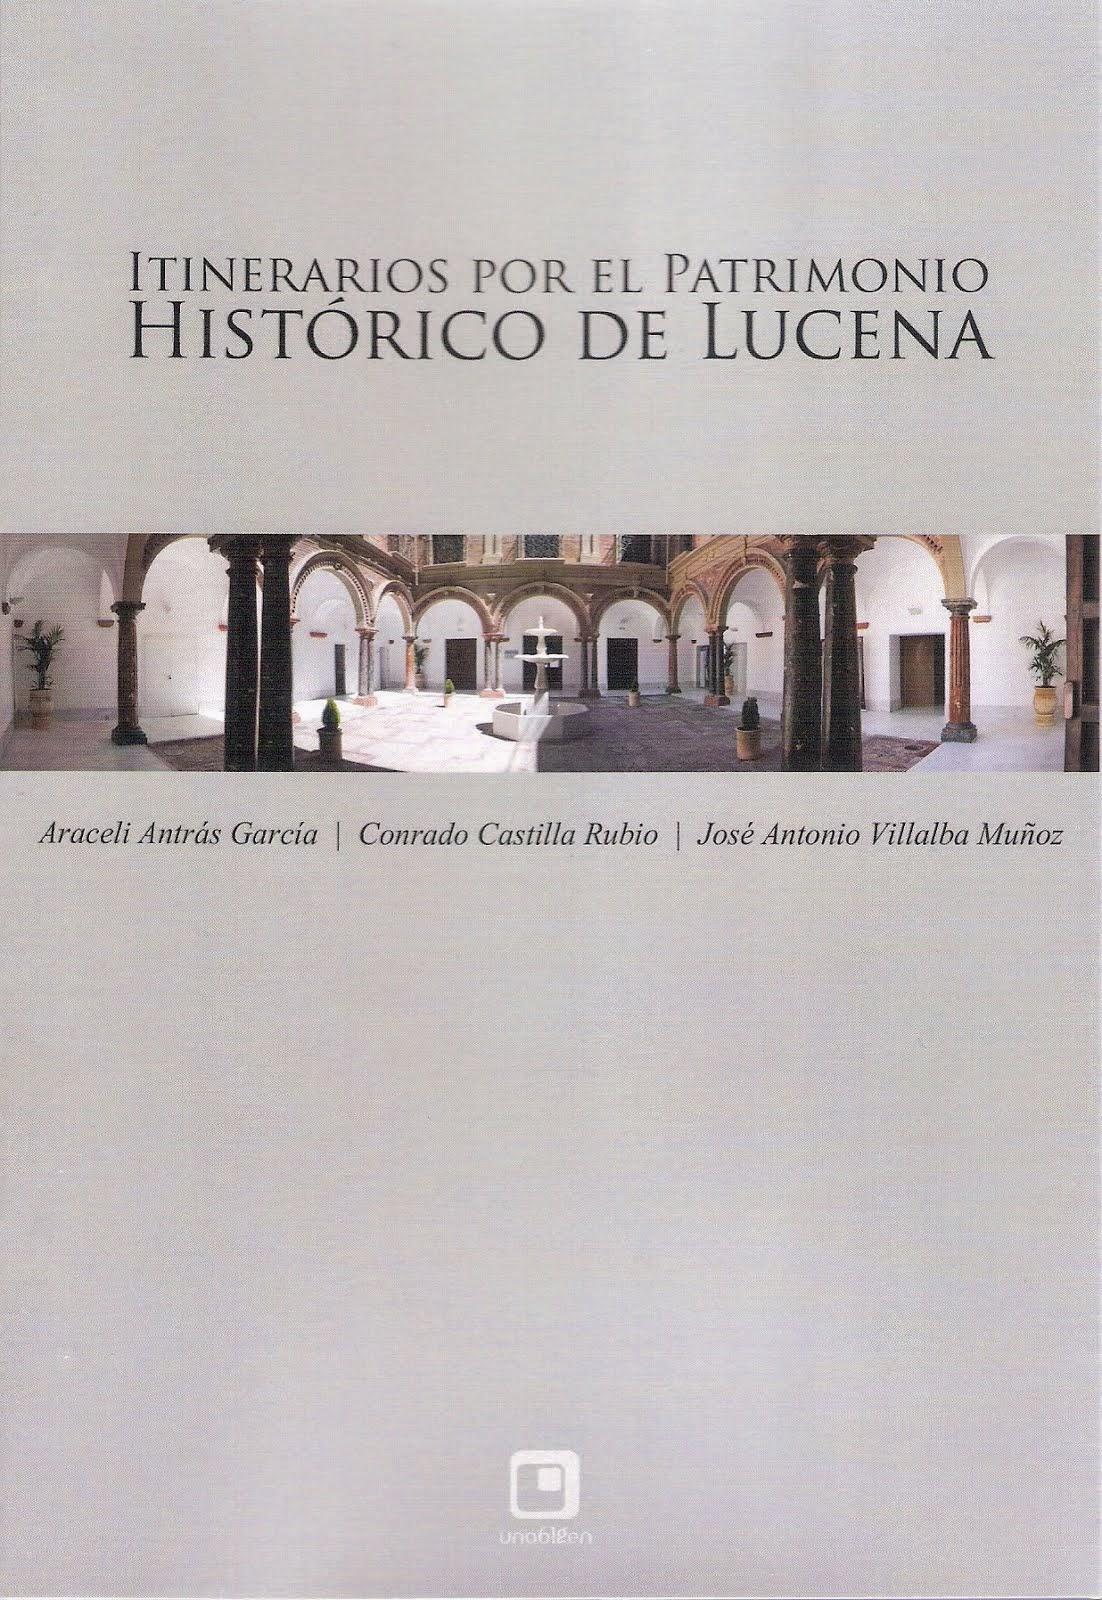 Itinerarios por el patrimonio histórico de Lucena